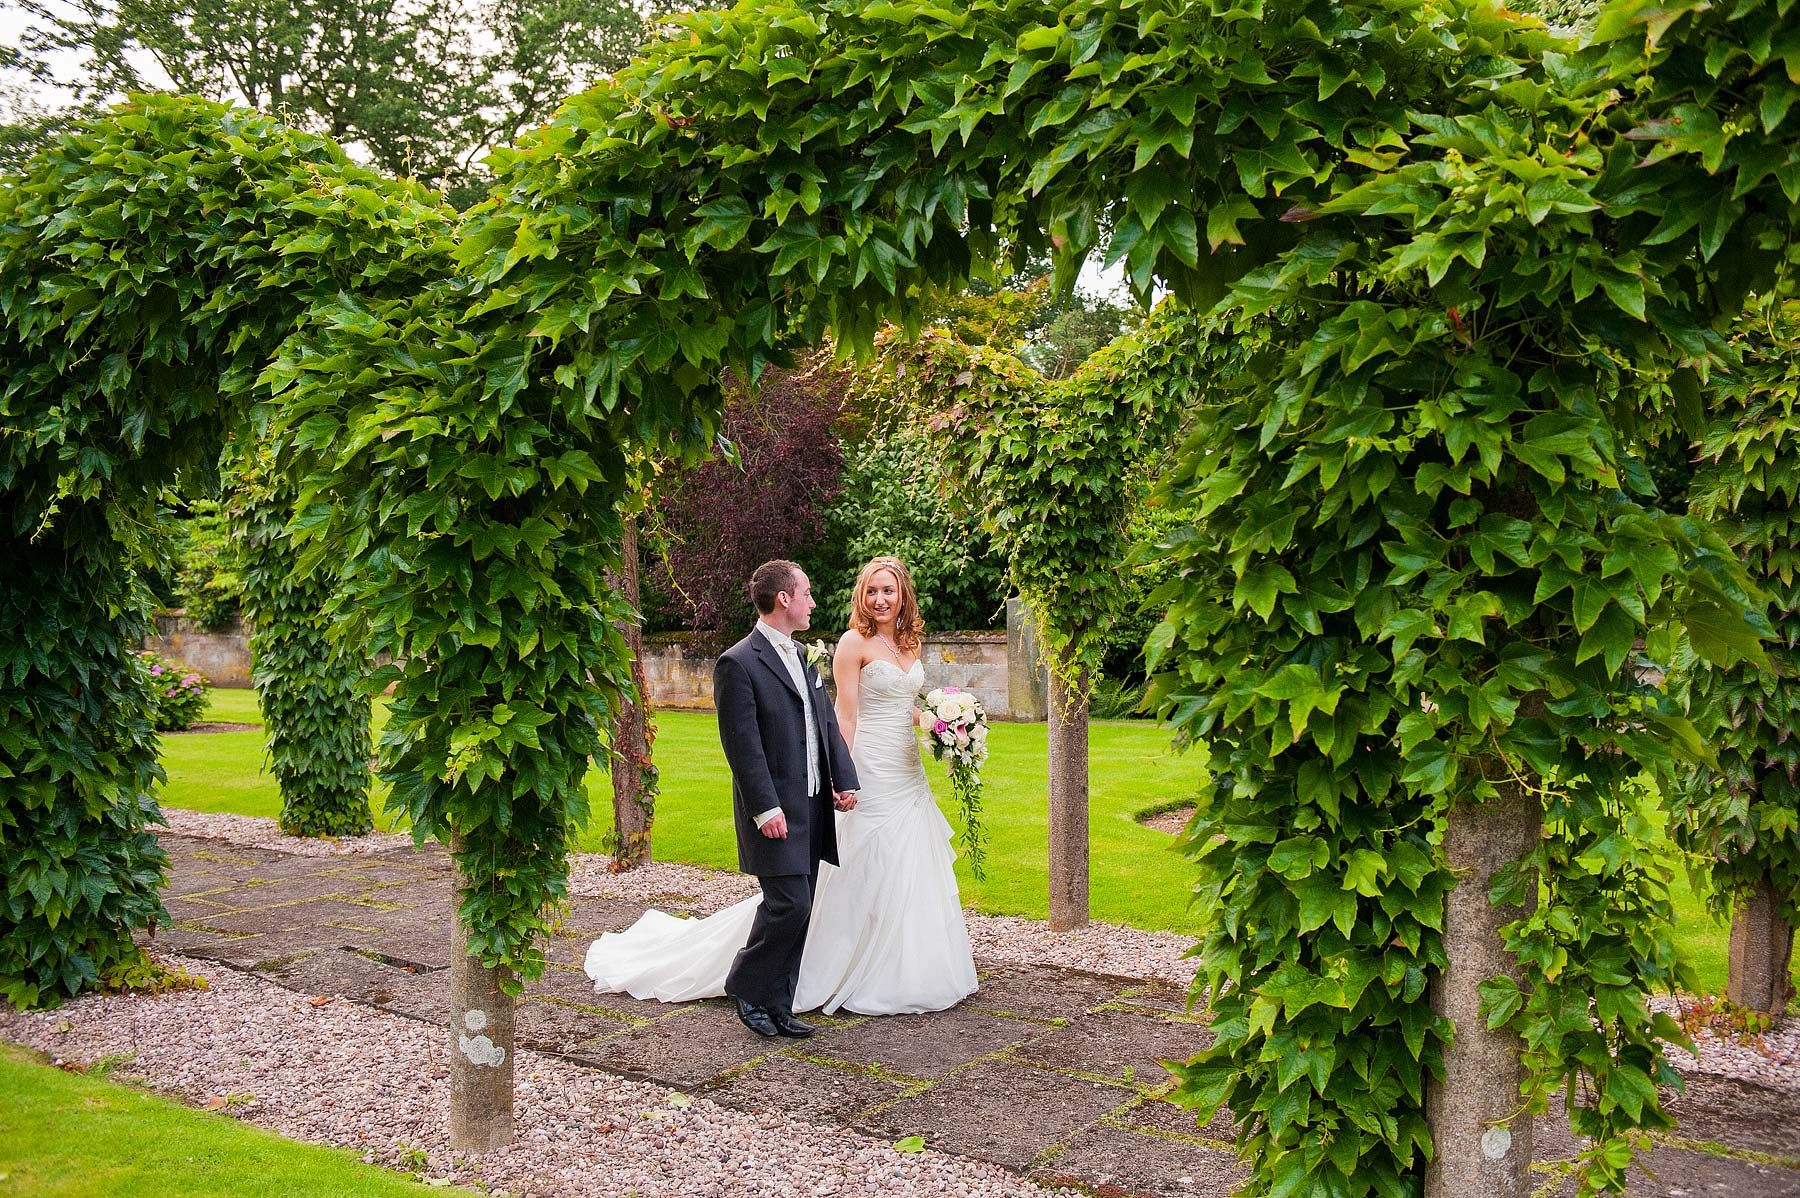 sandon-hall-wedding-photographer-028